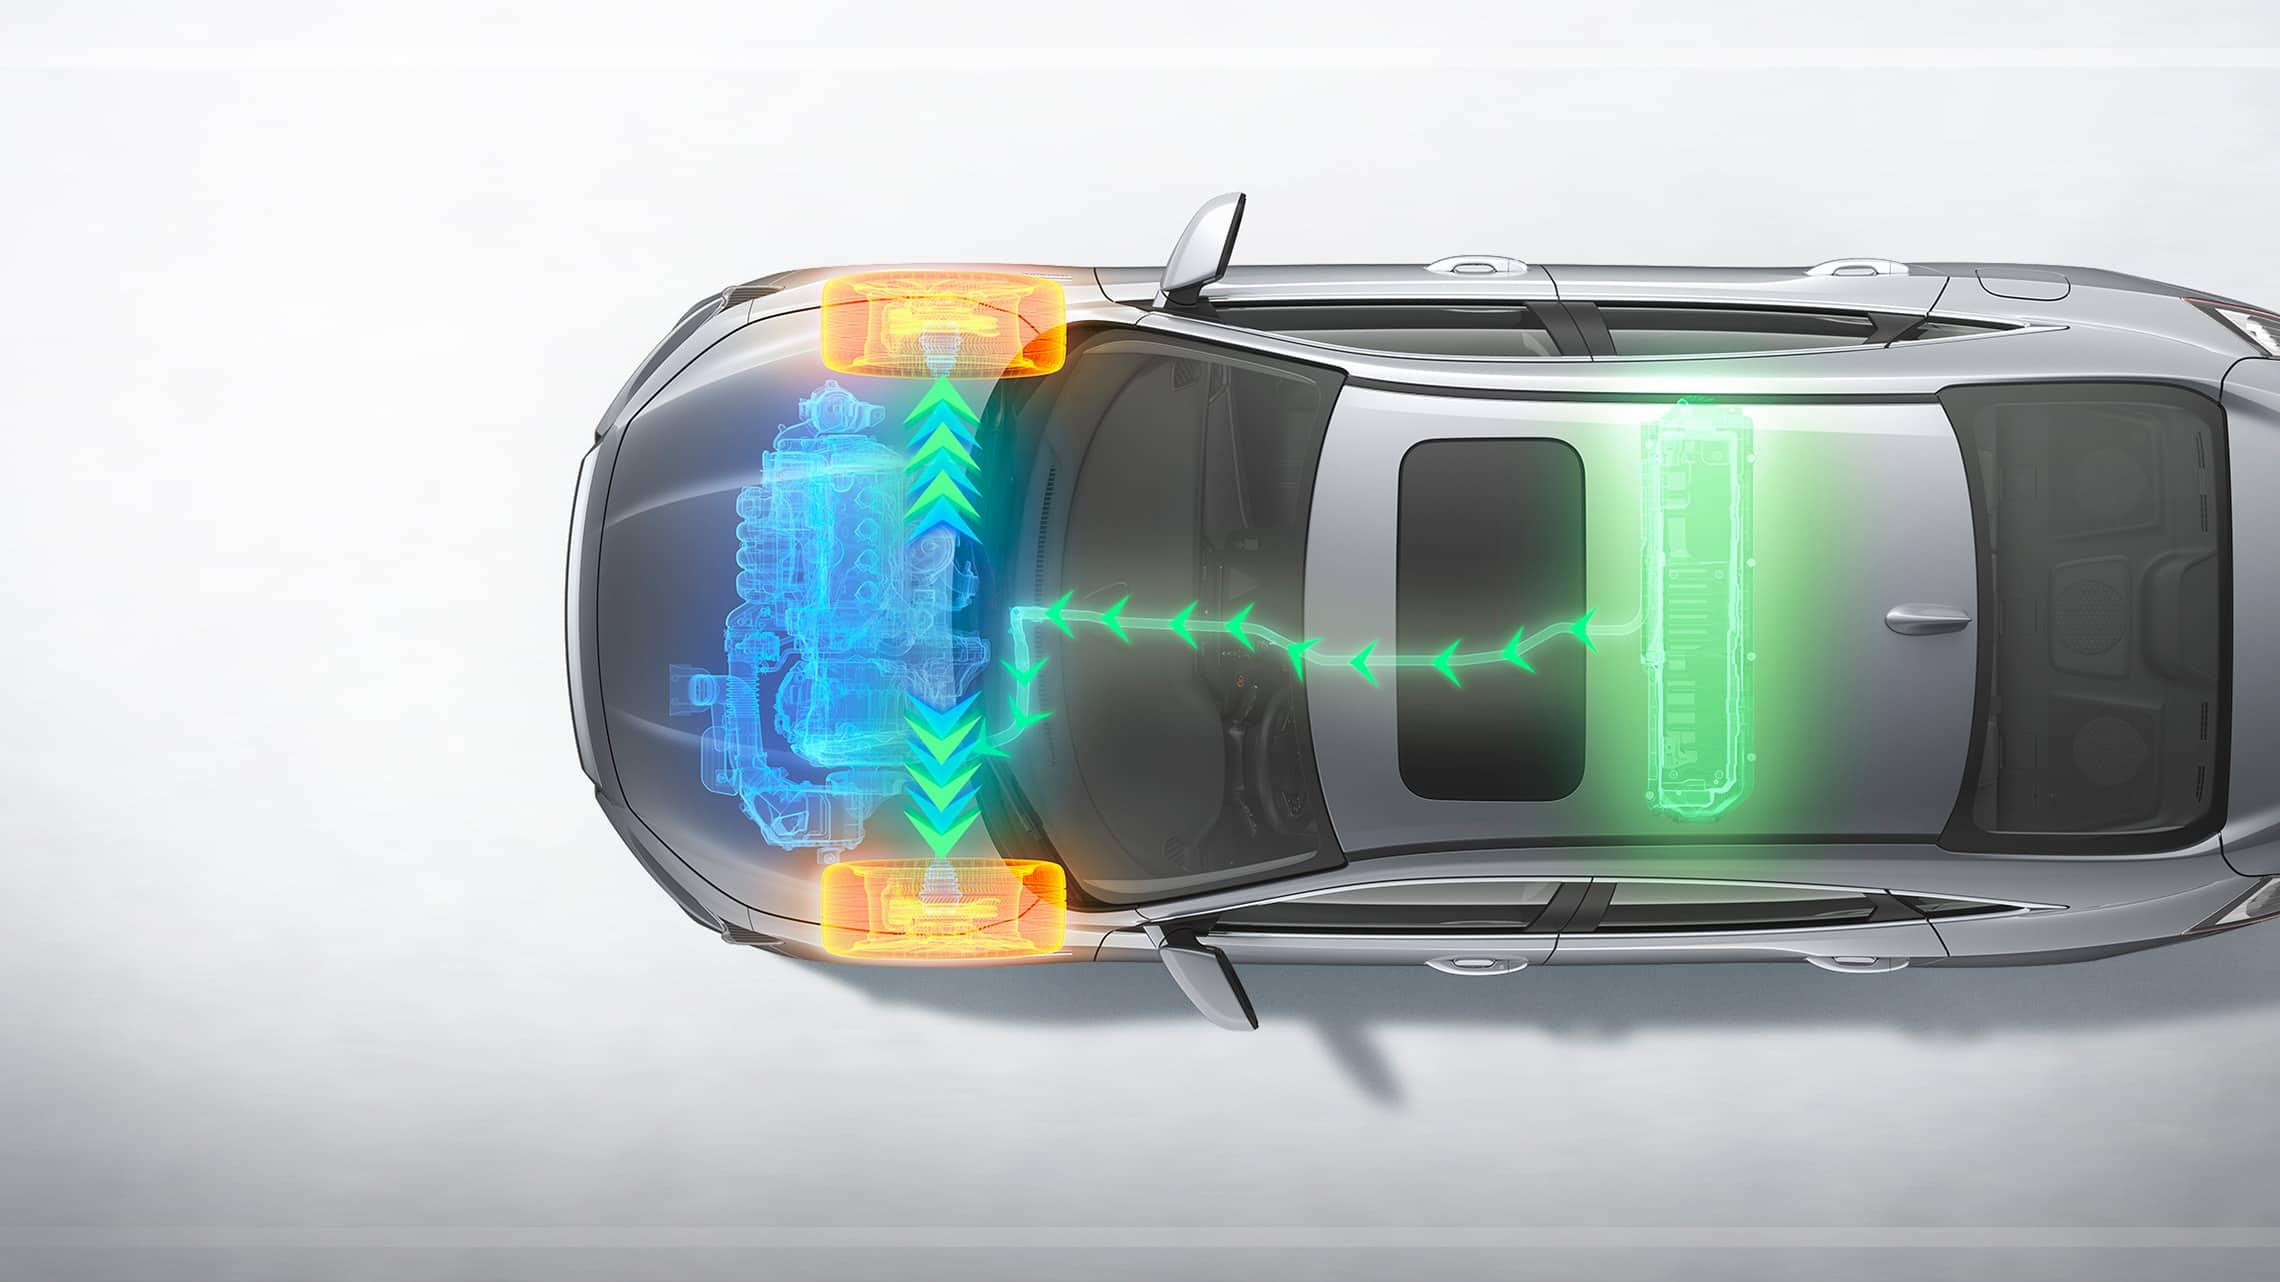 Vista aérea del Honda Insight Touring2021 en Lunar Silver Metallic con superposición de gráficos de la potencia del motor.